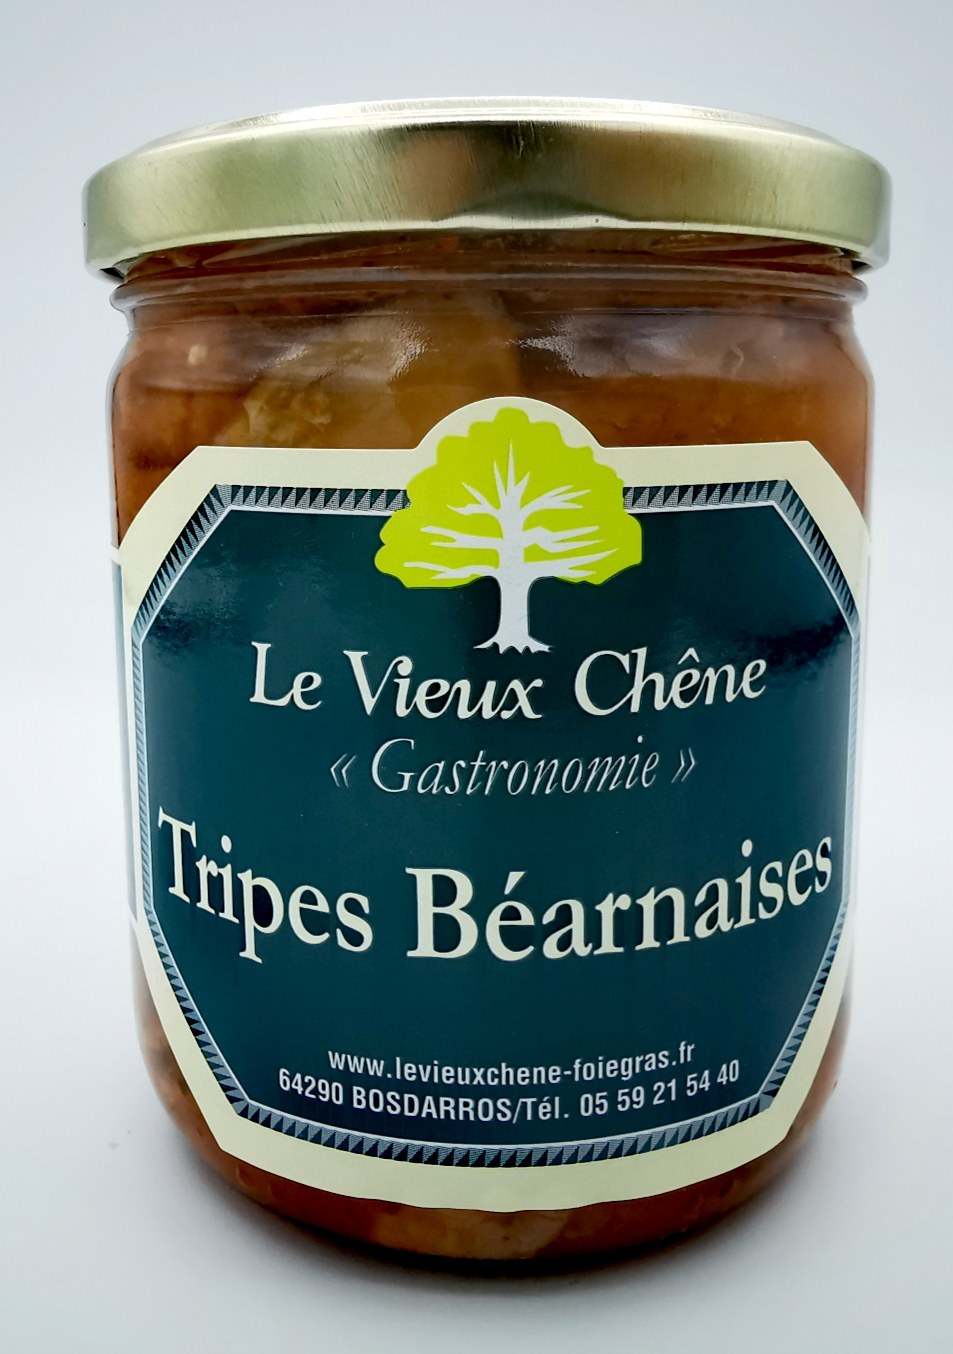 Tripes Béarnaises - le vieux chêne - charcuterie - vallée d'aspe - local